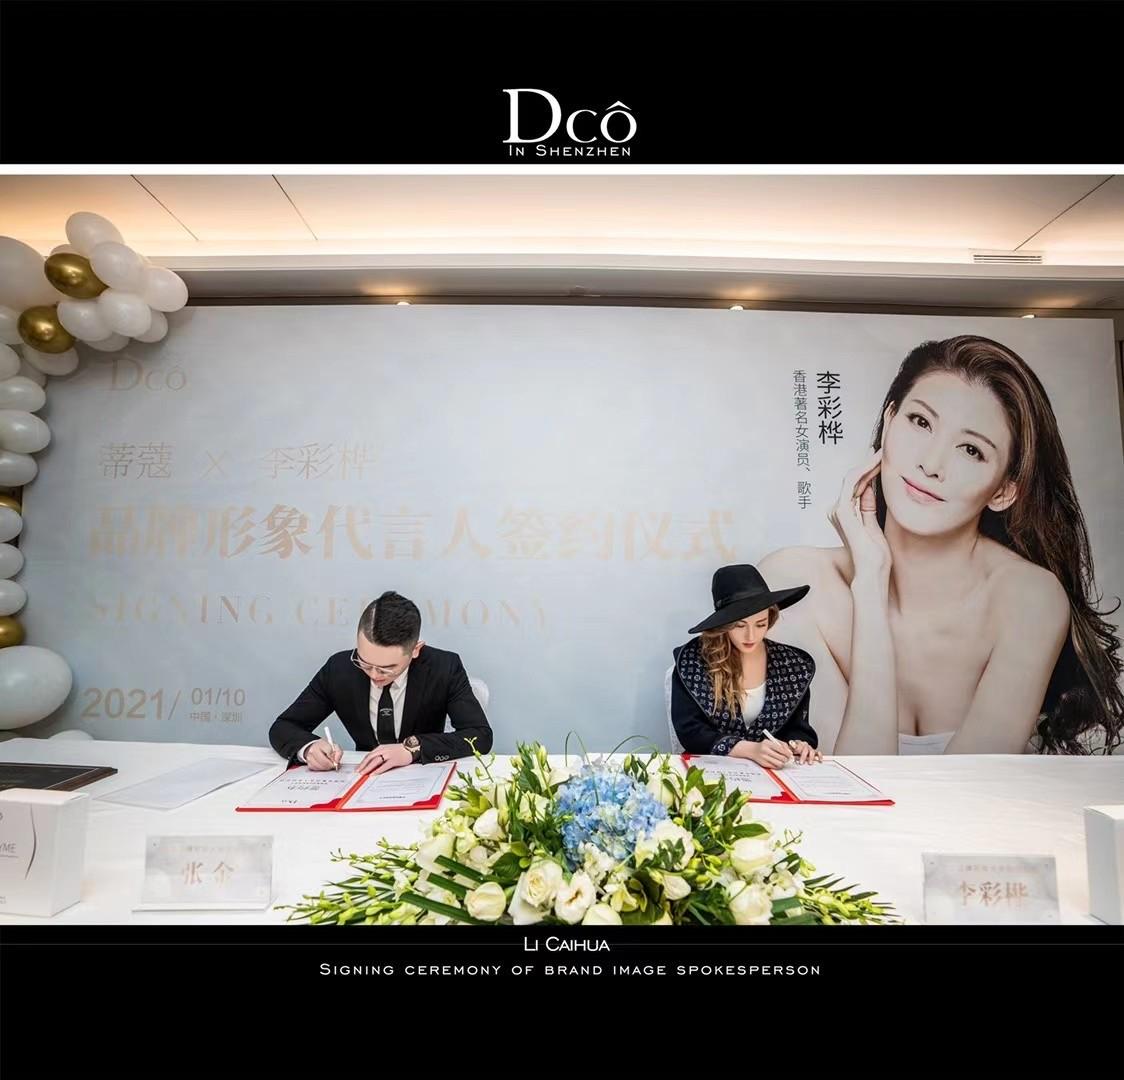 香港著名影视明星李彩桦代言大健康品牌—蒂蔻